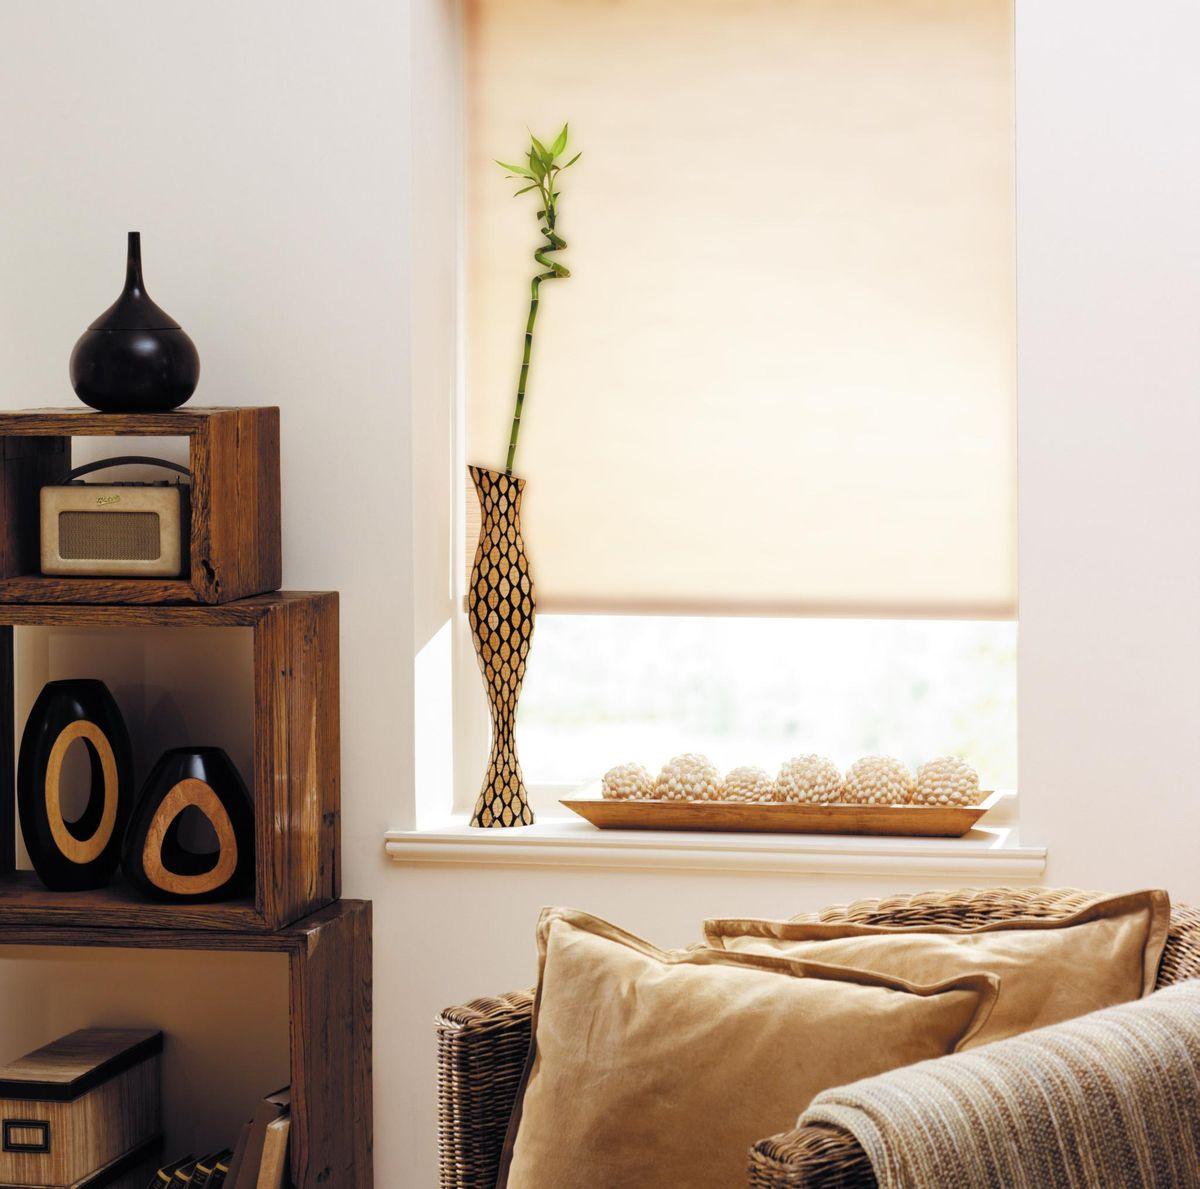 Штора рулонная Эскар, цвет: бежевый лен, ширина 60 см, высота 170 см80409060170Рулонными шторами можно оформлять окна как самостоятельно, так и использовать в комбинации с портьерами. Это поможет предотвратить выгорание дорогой ткани на солнце и соединит функционал рулонных с красотой навесных.Преимущества применения рулонных штор для пластиковых окон:- имеют прекрасный внешний вид: многообразие и фактурность материала изделия отлично смотрятся в любом интерьере; - многофункциональны: есть возможность подобрать шторы способные эффективно защитить комнату от солнца, при этом о на не будет слишком темной. - Есть возможность осуществить быстрый монтаж. ВНИМАНИЕ! Размеры ширины изделия указаны по ширине ткани!Во время эксплуатации не рекомендуется полностью разматывать рулон, чтобы не оторвать ткань от намоточного вала.В случае загрязнения поверхности ткани, чистку шторы проводят одним из способов, в зависимости от типа загрязнения: легкое поверхностное загрязнение можно удалить при помощи канцелярского ластика; чистка от пыли производится сухим методом при помощи пылесоса с мягкой щеткой-насадкой; для удаления пятна используйте мягкую губку с пенообразующим неагрессивным моющим средством или пятновыводитель на натуральной основе (нельзя применять растворители).